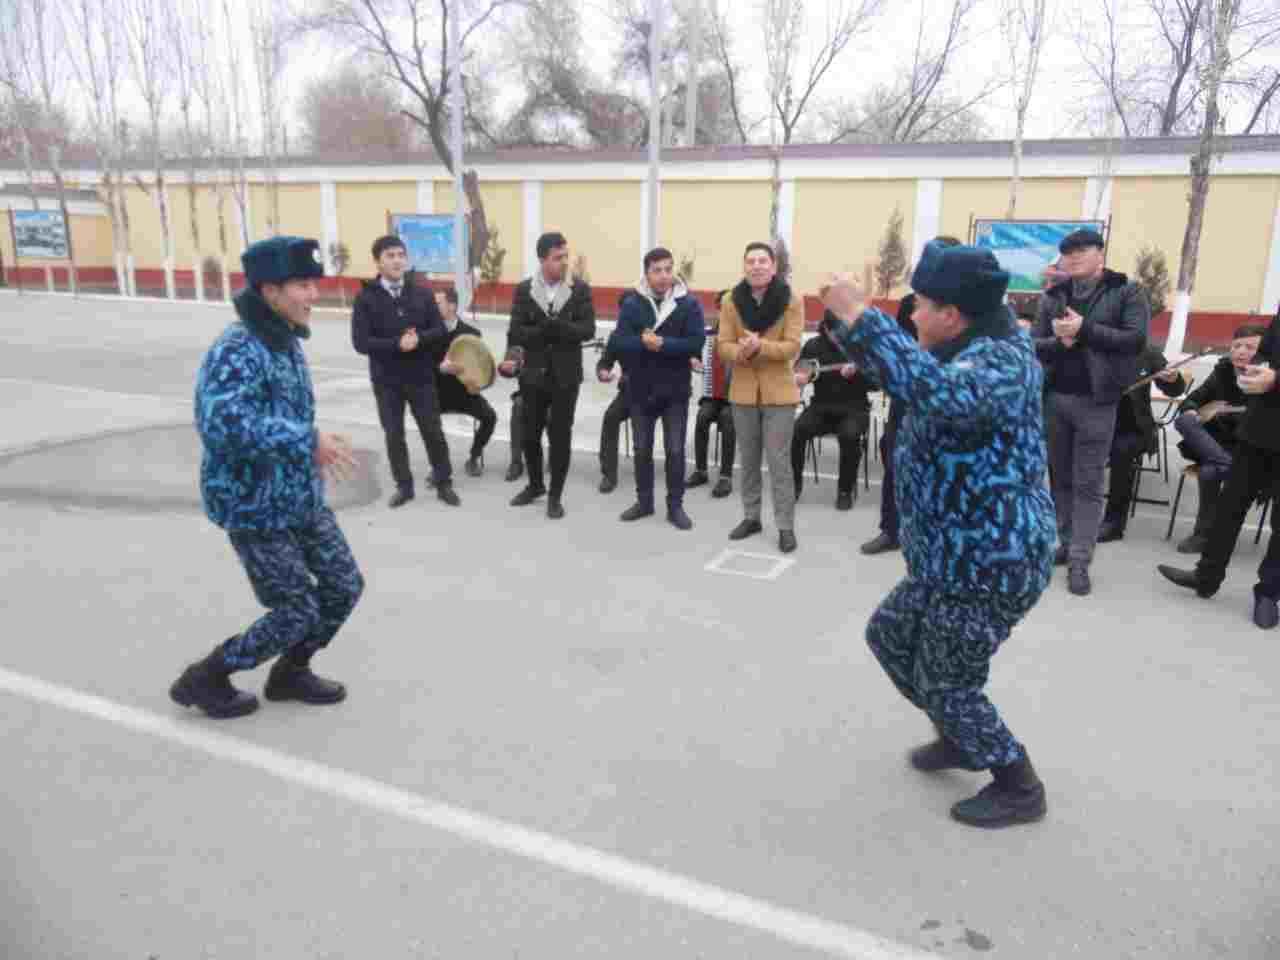 4 5 - Талантлы студентлер әскерий бөлимде байрам концертин шөлкемлестирди